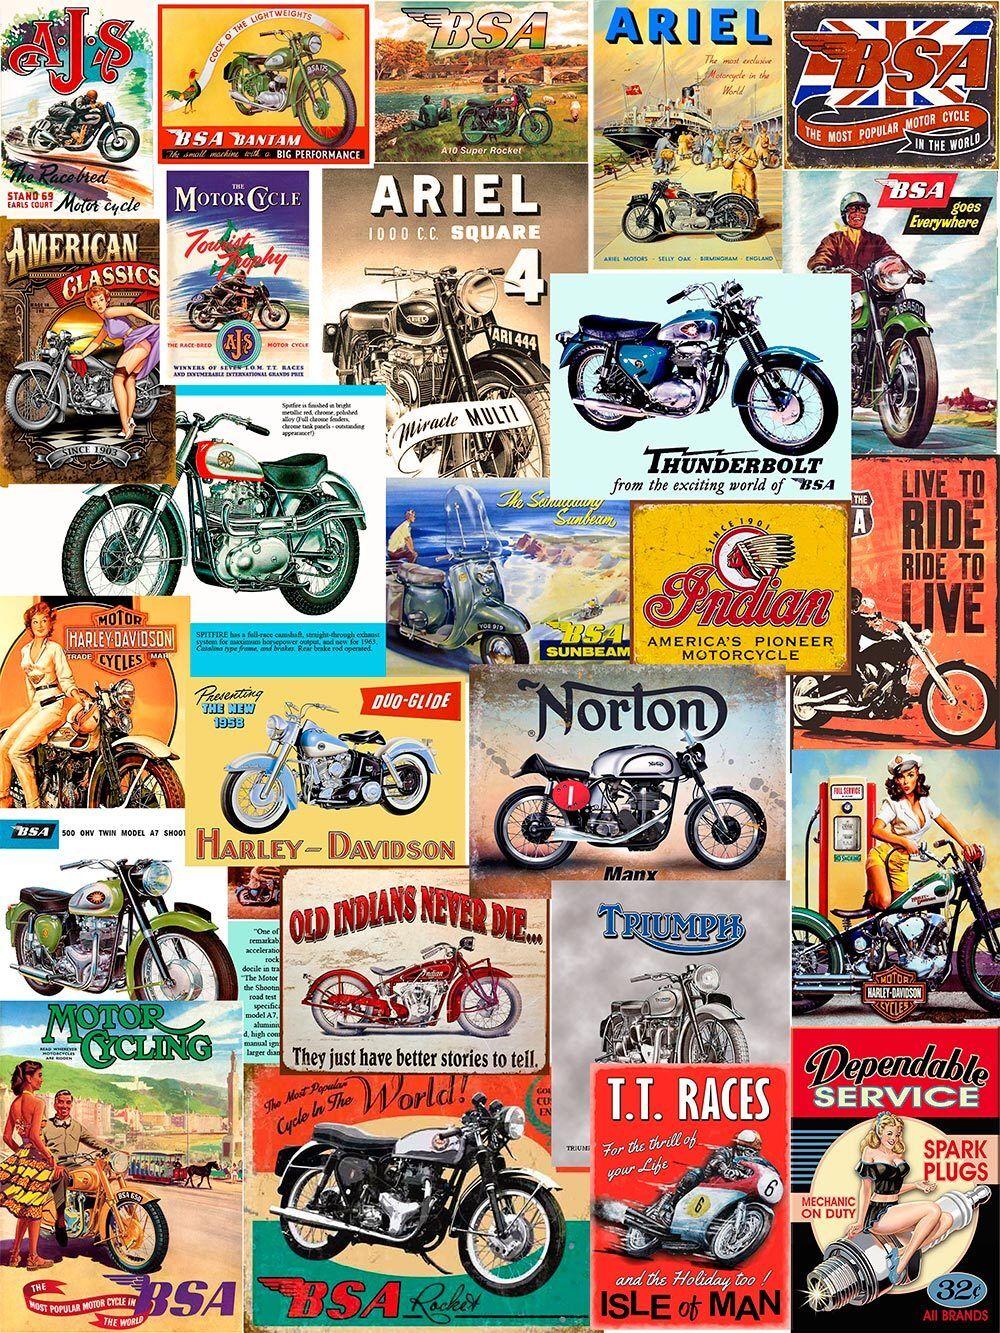 Harley Davidson Full Service Sign 13x15 For Sale Online Ebay